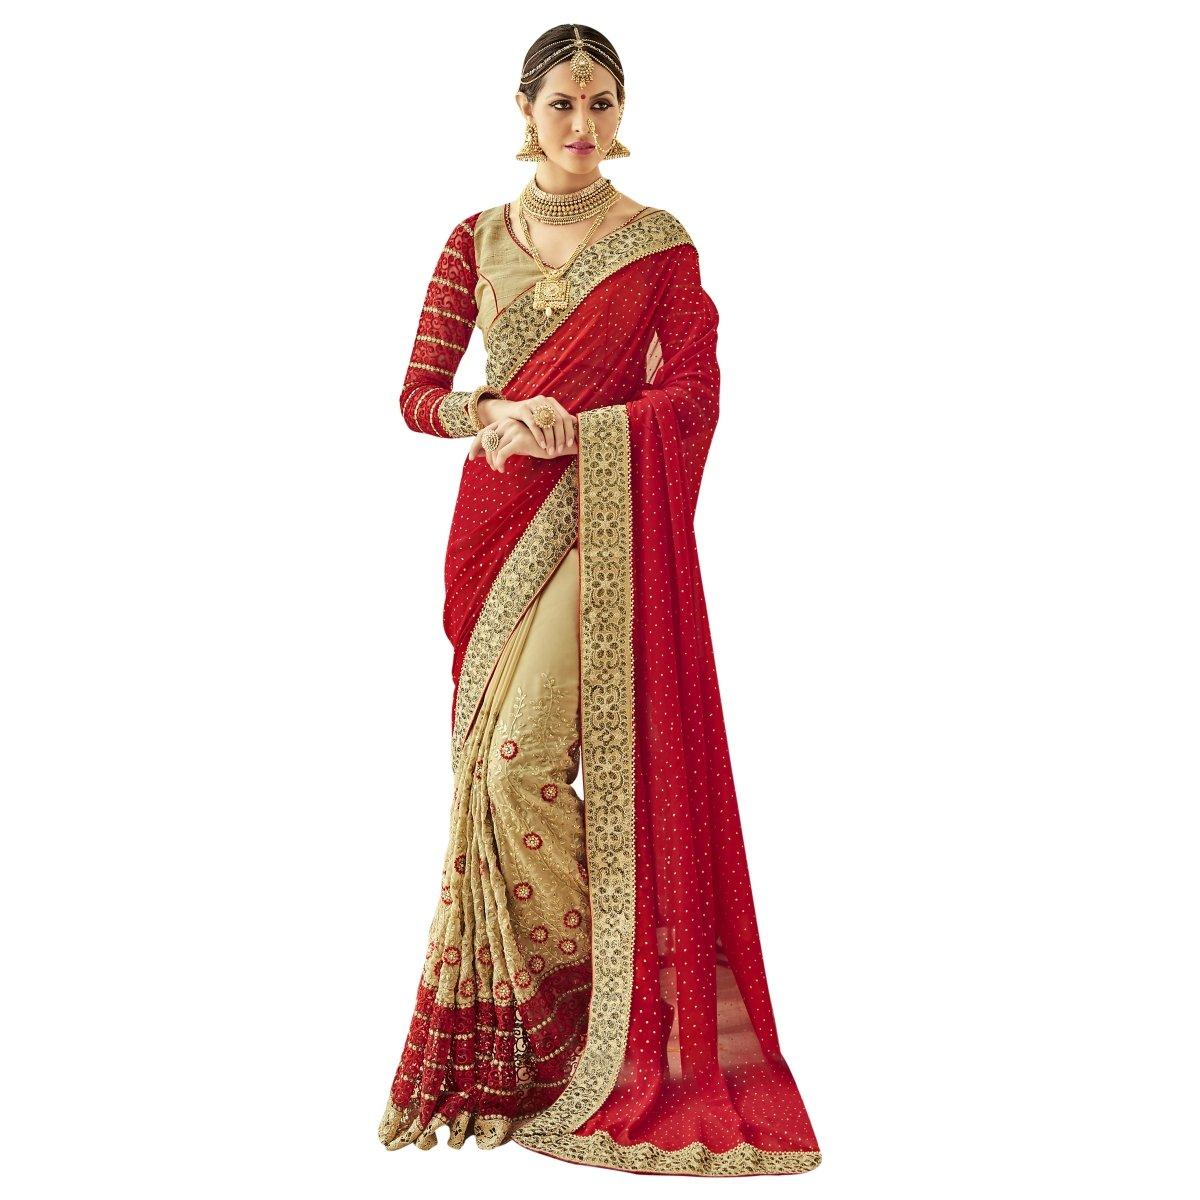 Aksaa Fashion Women's Indian Beige Embroidered Faux Georgette Wedding Saree, Sari AKTSNDK1106